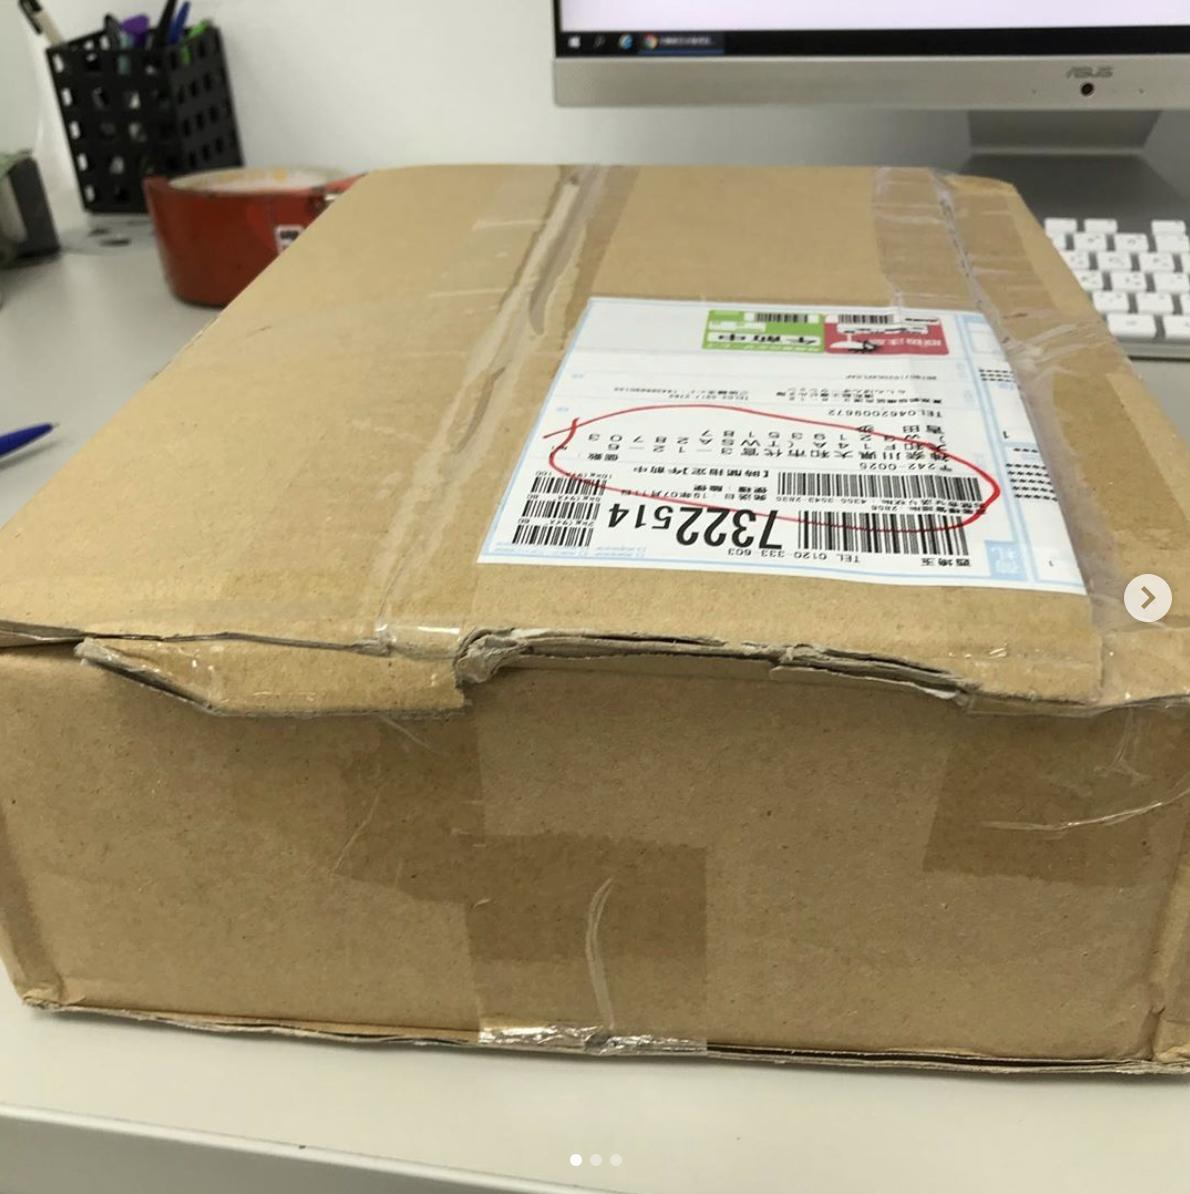 日本代購偶像夢幻祭沙包團子開箱